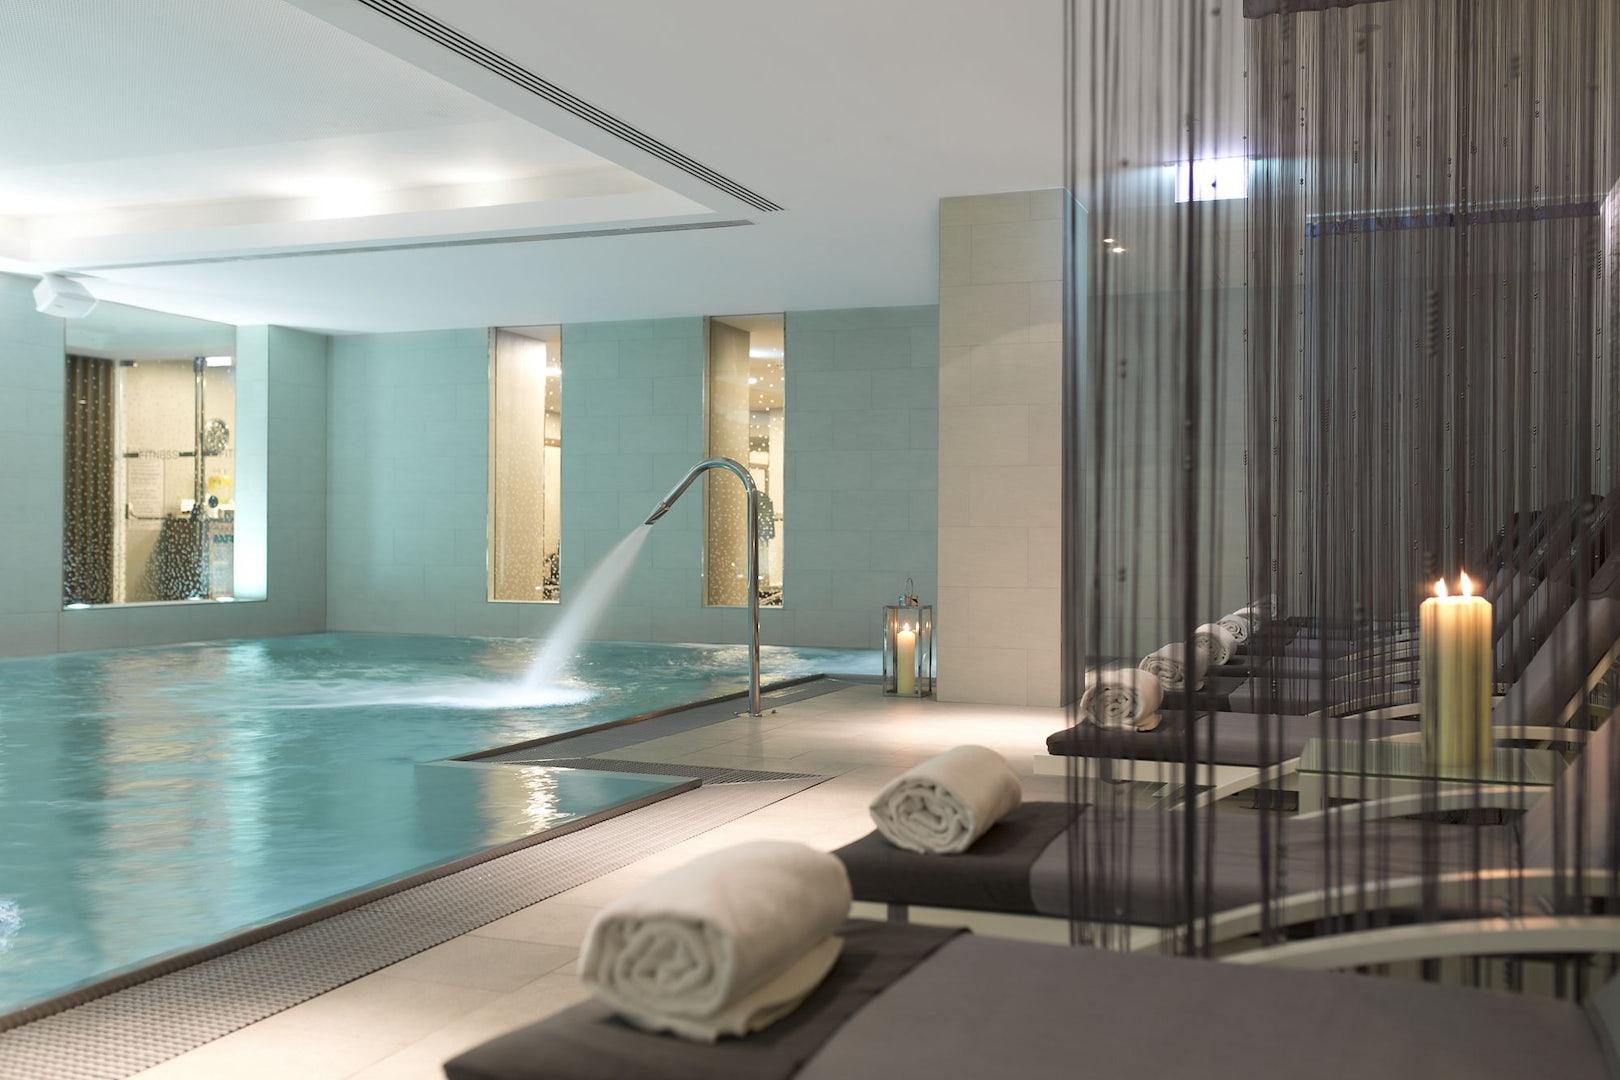 Ritz Carlton Spa Vienna